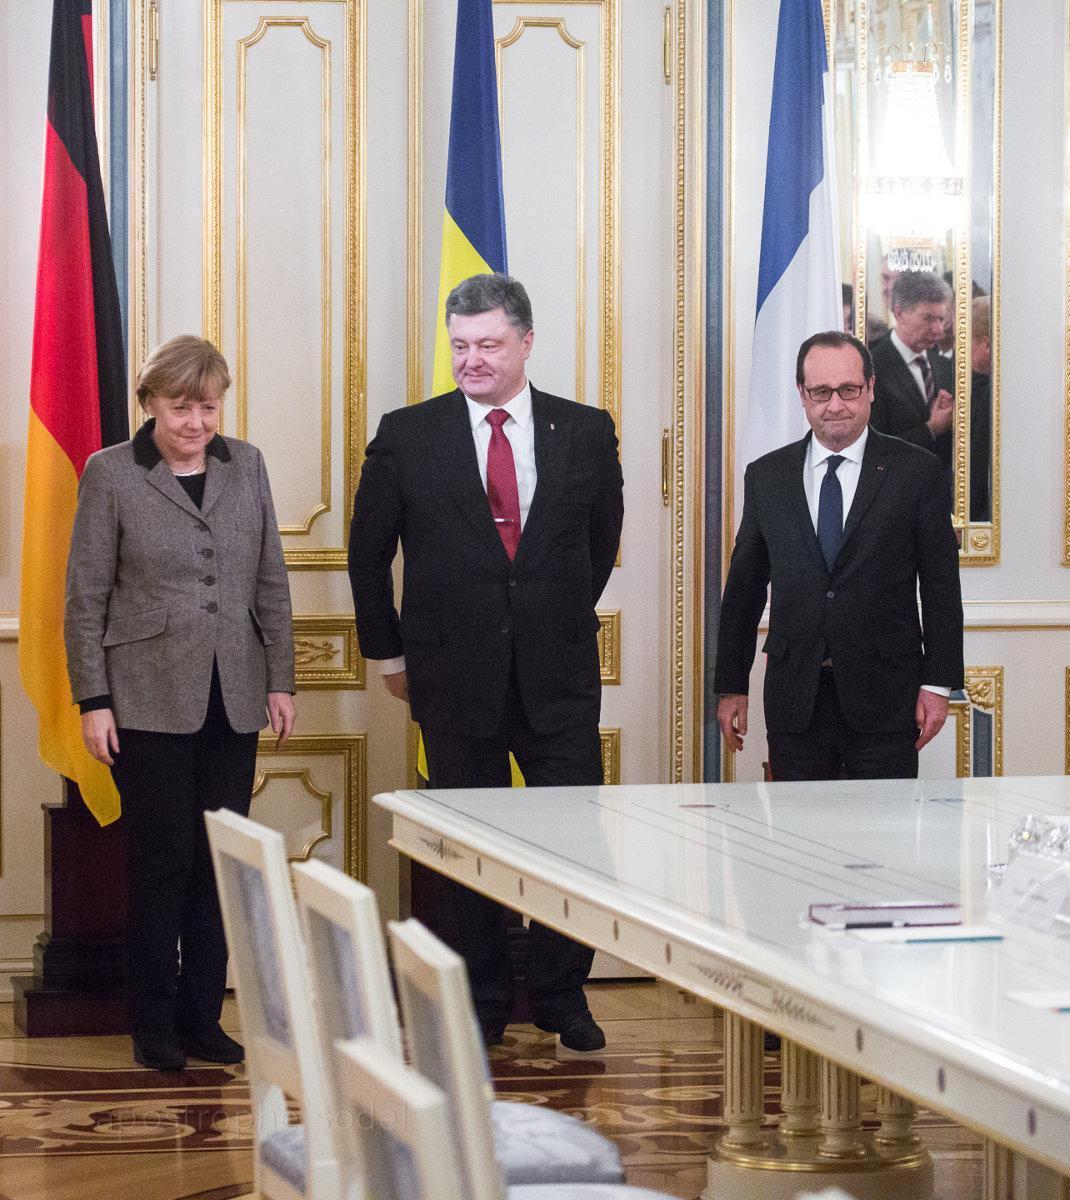 Глава государства может предложить новый формат урегулирования конфликта на Донбассе